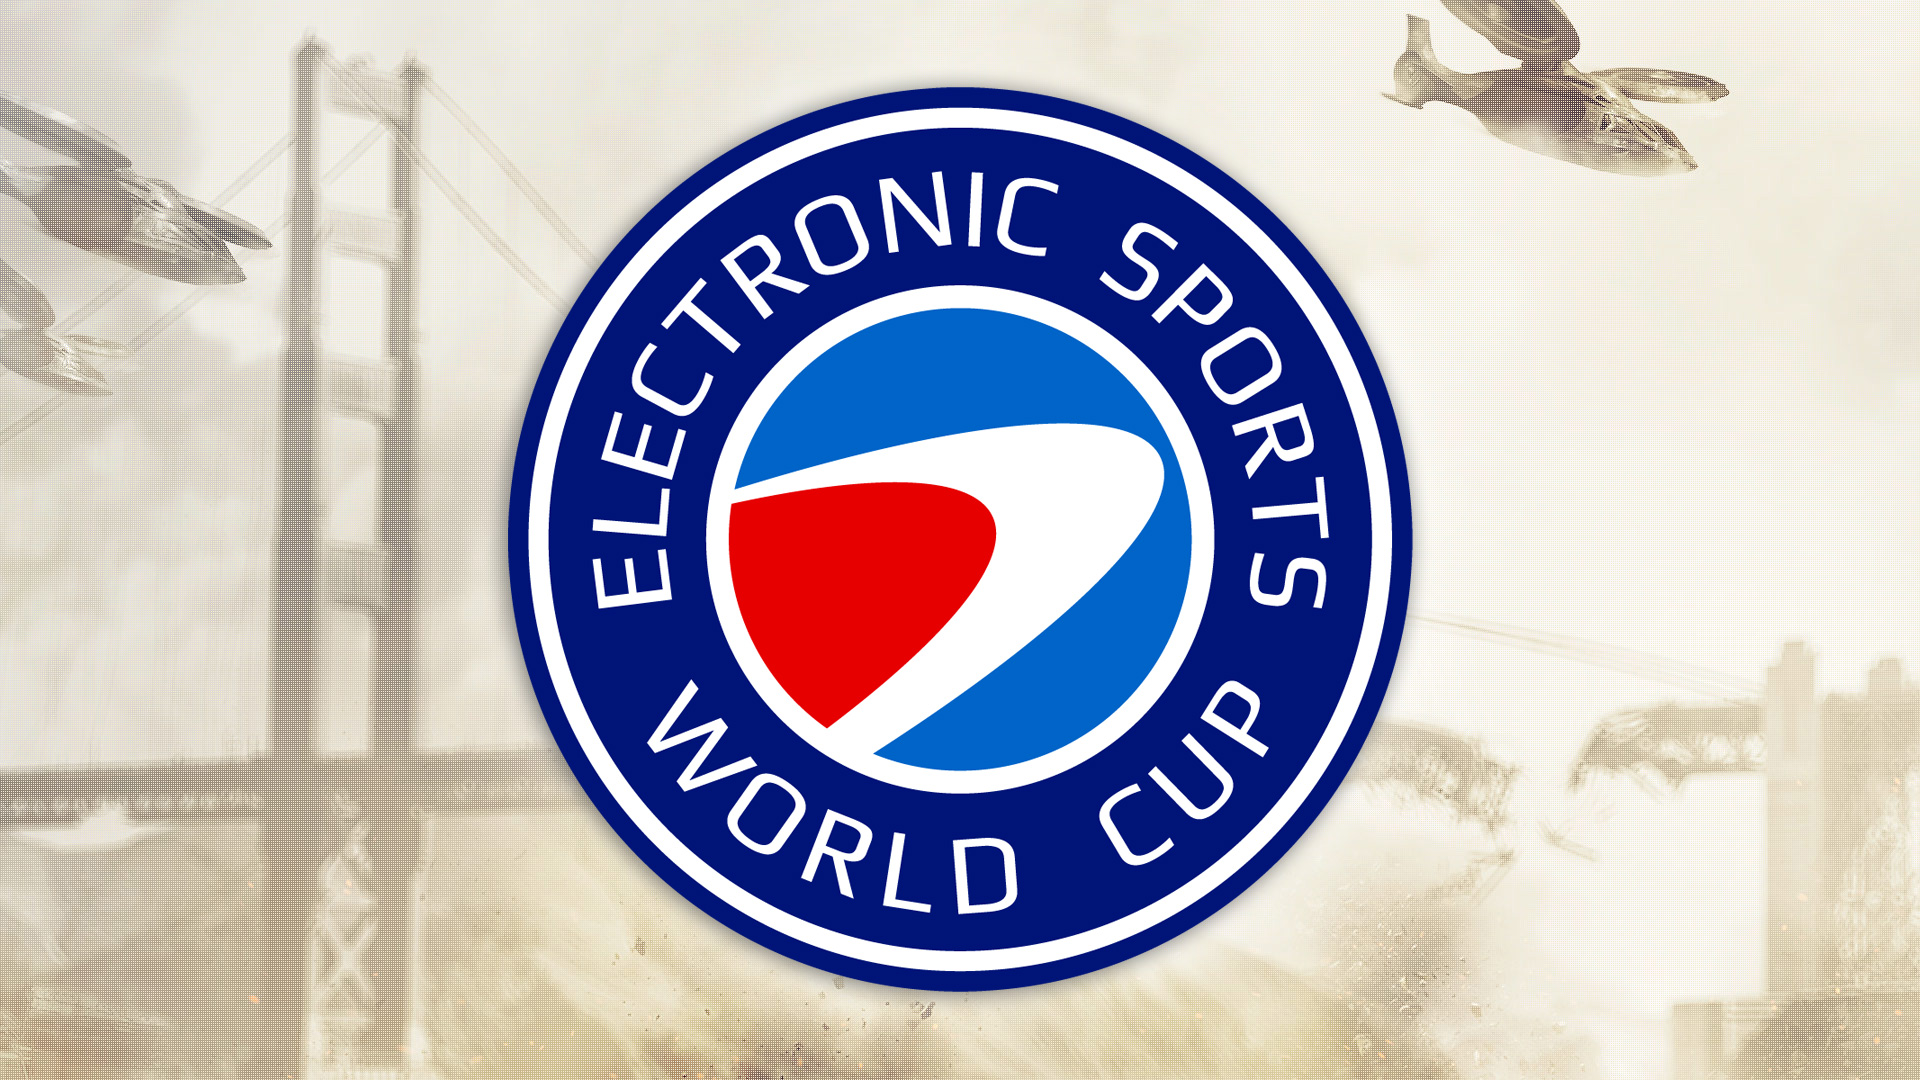 ESWC groepsfase bekend voor FIFA: 'Psycho' in Group 2, Group 4 voor 'Emperatoor'